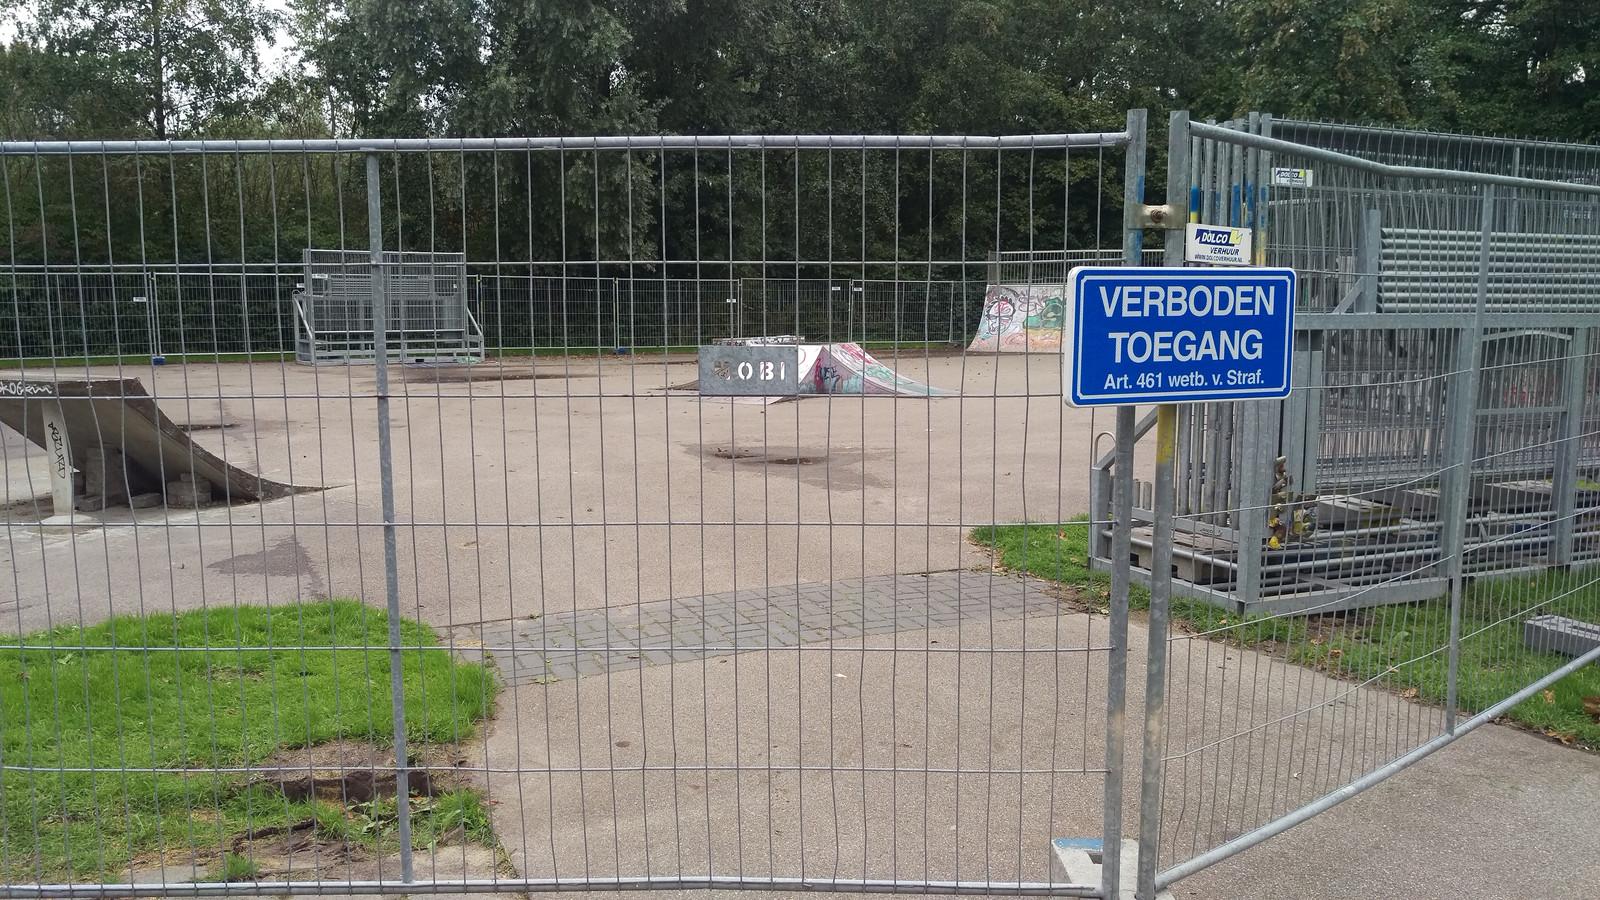 Het skatepark is sinds woensdagmorgen afgesloten door middel van hekken.